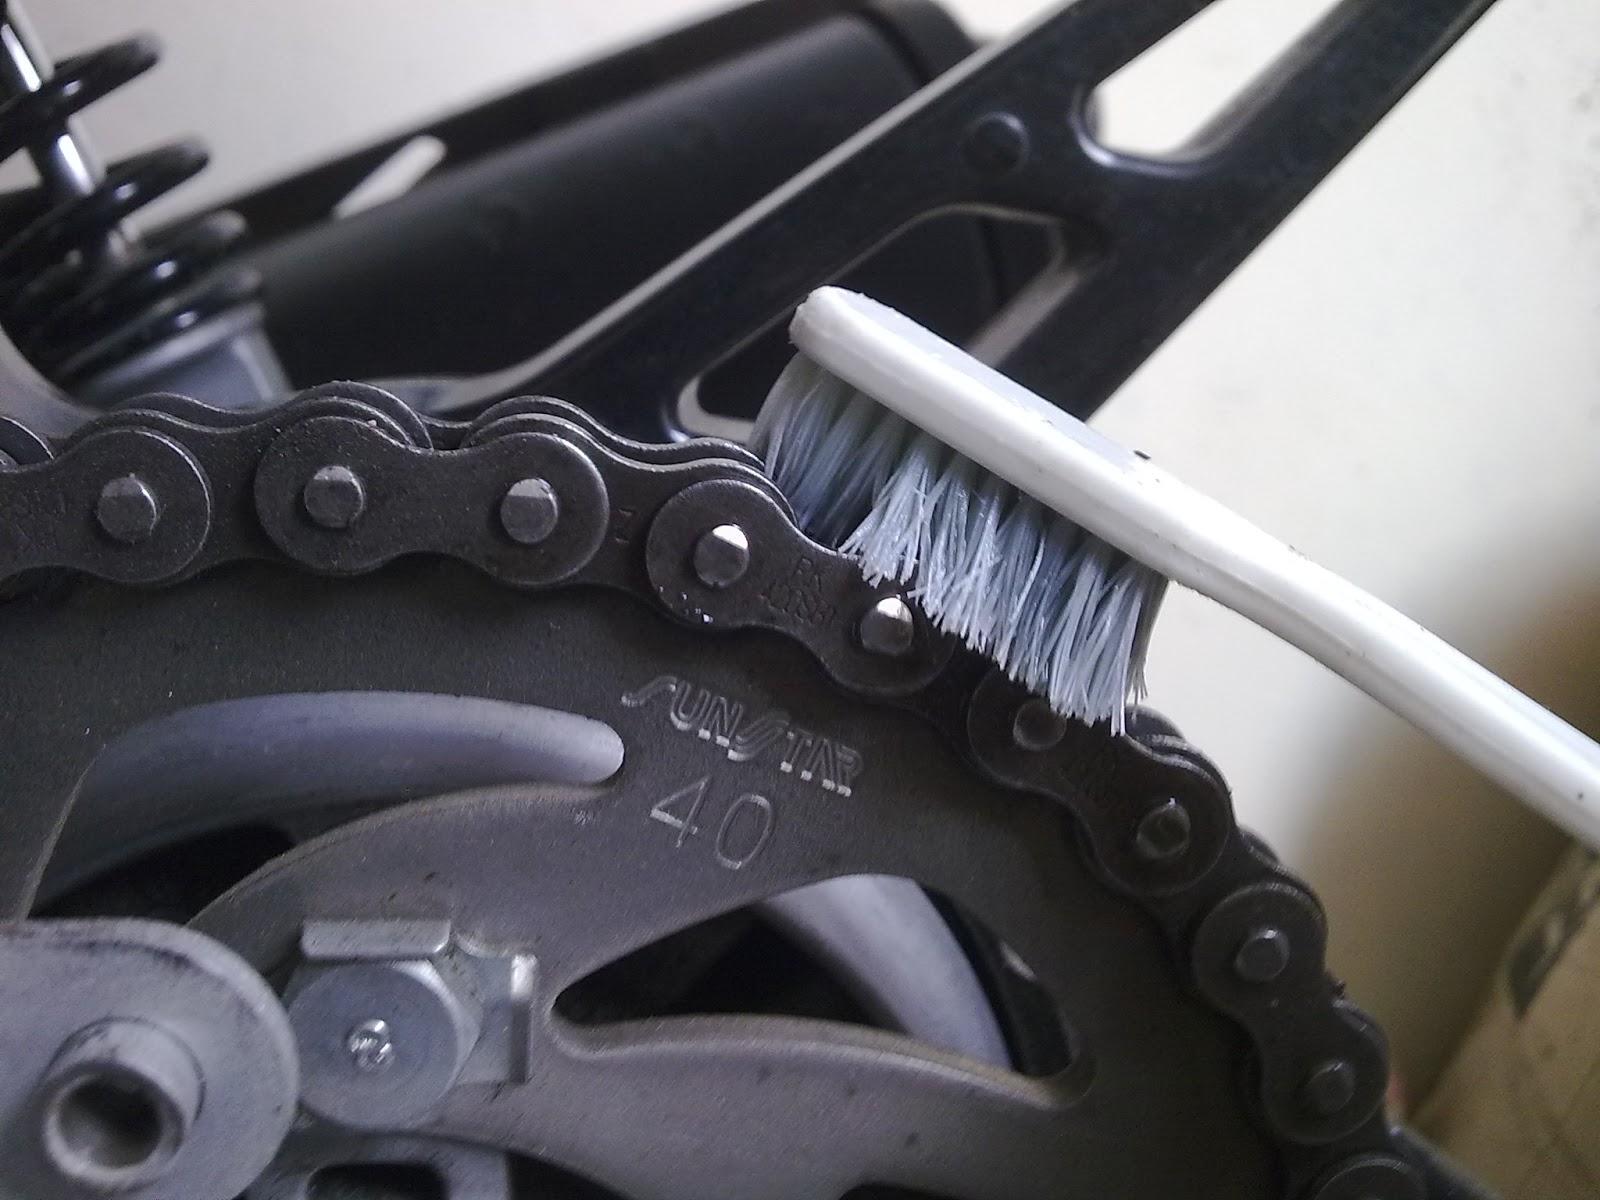 Ini Cara Membersihkan Rantai Sepeda Motor Ala Sobat Motor